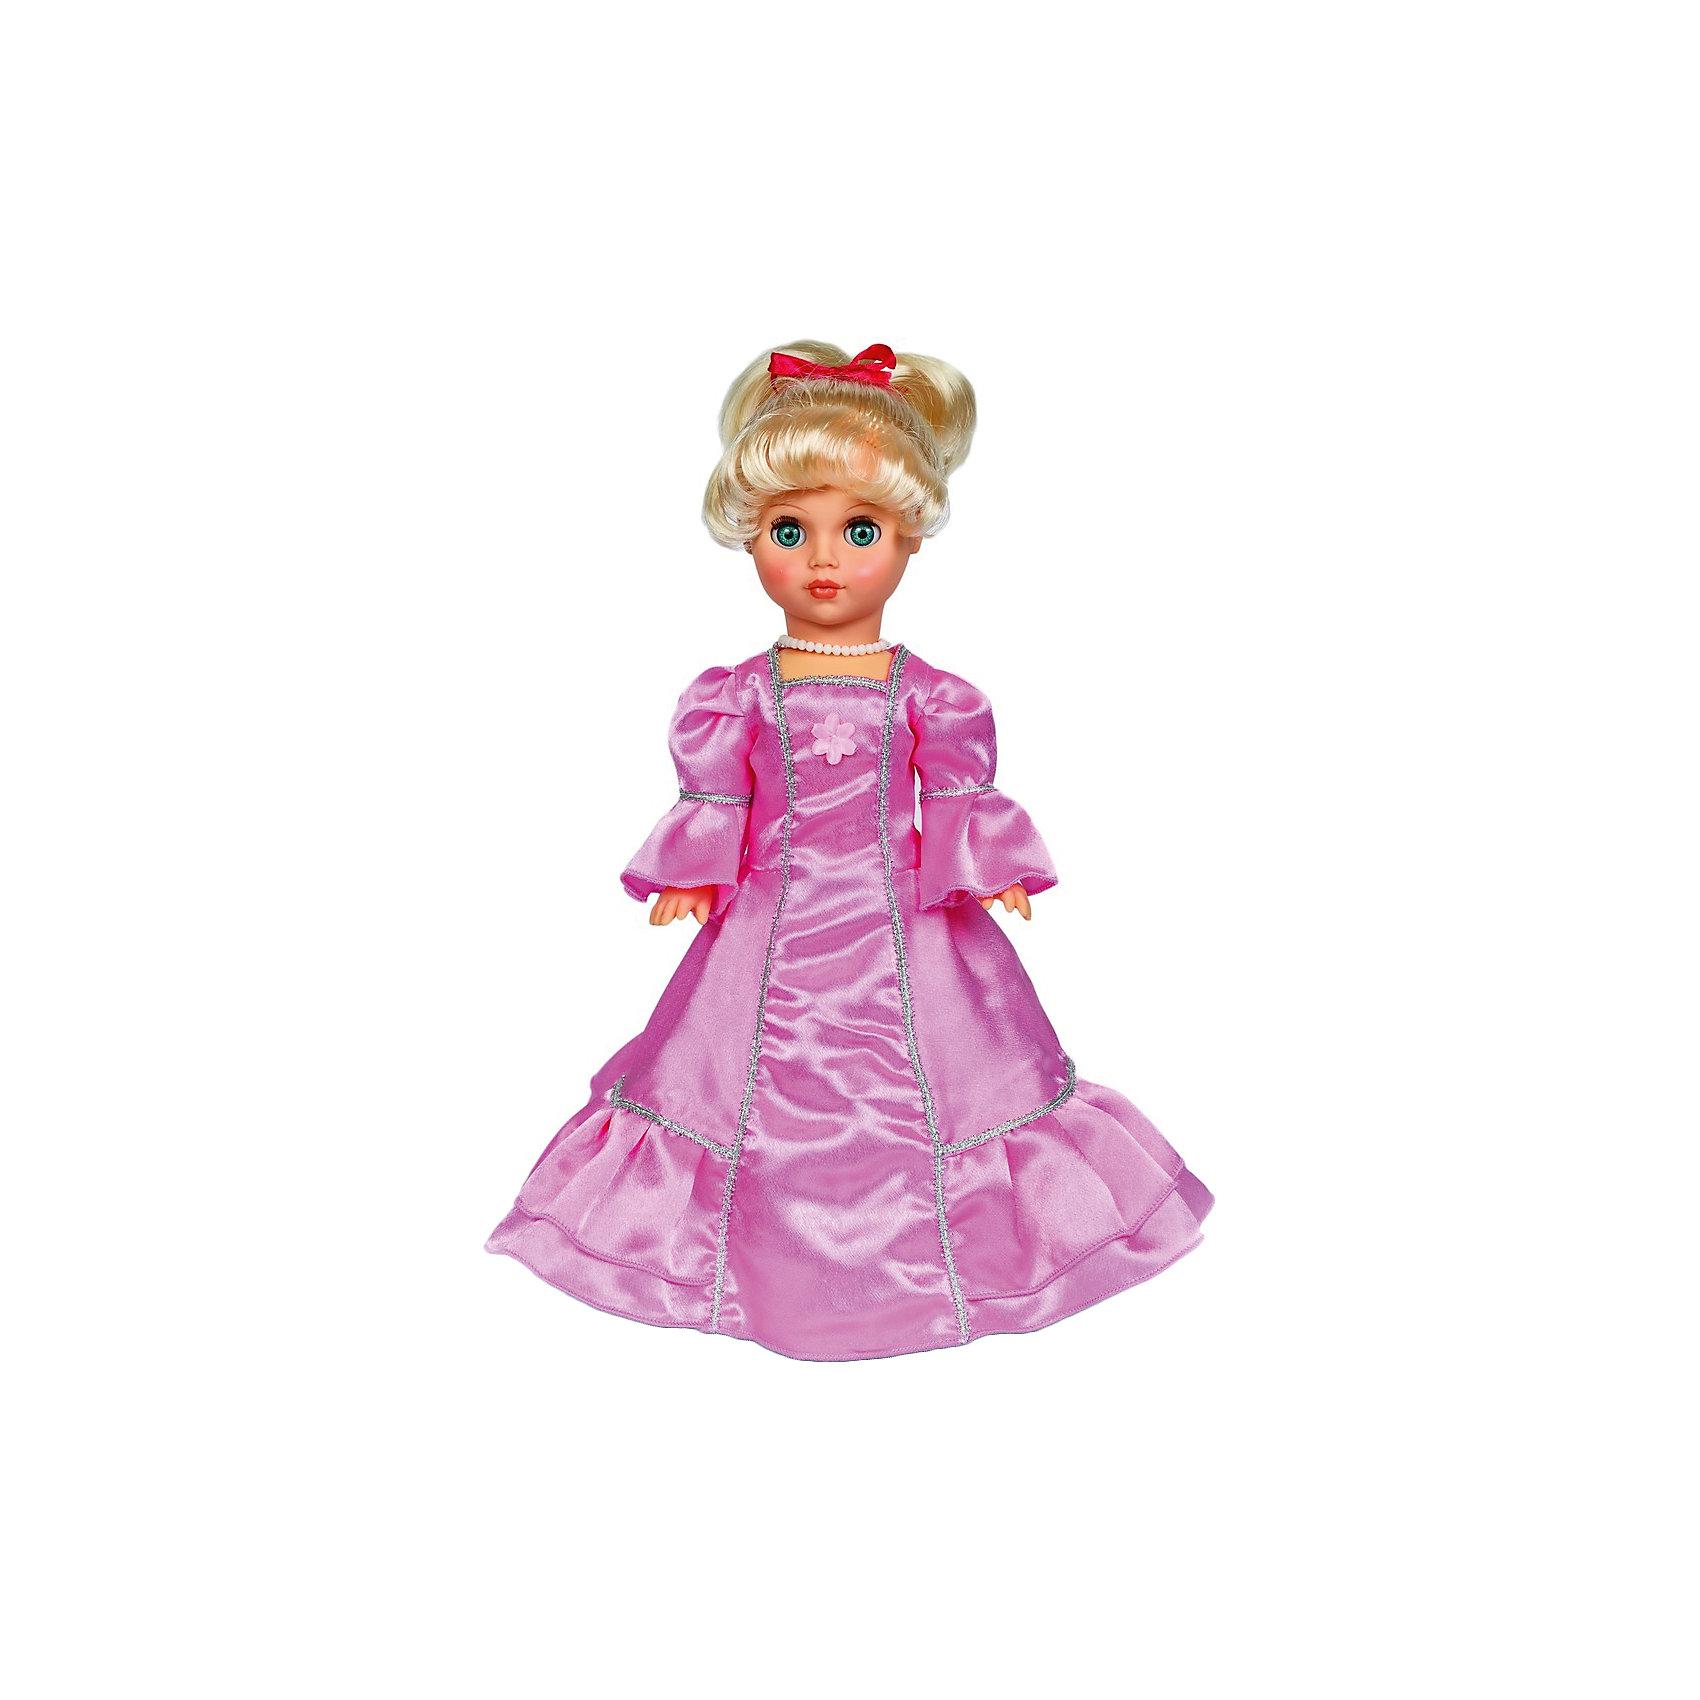 Кукла Мила, 42 см, ВеснаЭта очаровательная белокурая красавица покорит сердце любой девочки! Куколка одета в белое бальное платье, с пышной юбкой, образ дополняют маленькие изысканные бусики, на ногах - миниатюрные туфельки. Волосы Милы мягкие и послушные, из них получится множество замечательных причесок. Игрушка выполнена из высококачественных нетоксичных материалов абсолютно безопасных для детей.<br><br>Дополнительная информация:<br><br>- Материал: пластизол, пластик, текстиль.<br>- Размер: 42 см.<br>- Комплектация: кукла в одежде и обуви. <br>- Голова, руки, ноги подвижные.<br>- Глаза могут закрываться. <br><br>Куклу Милу,42 см, Весна, можно купить в нашем магазине.<br><br>Ширина мм: 170<br>Глубина мм: 100<br>Высота мм: 420<br>Вес г: 310<br>Возраст от месяцев: 36<br>Возраст до месяцев: 120<br>Пол: Женский<br>Возраст: Детский<br>SKU: 4595145